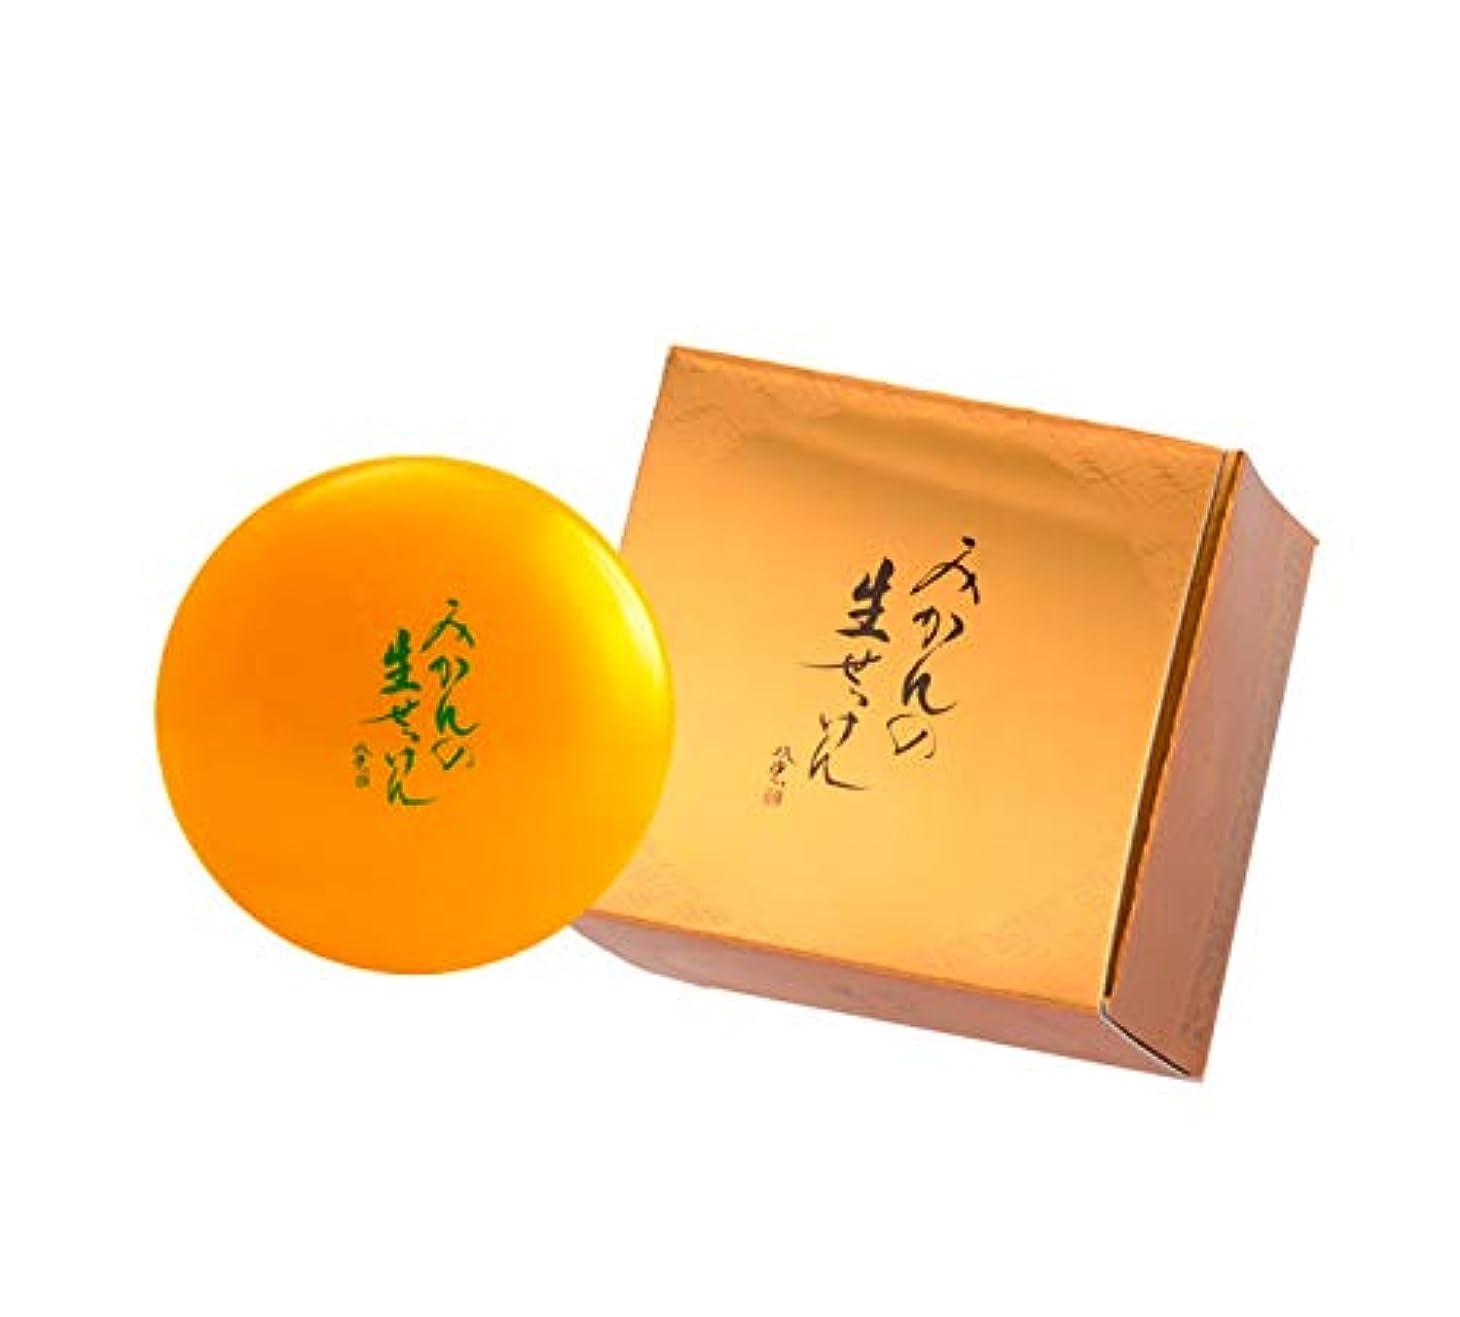 バージン宇宙倉庫UYEKI美香柑みかんの生せっけん120g×24個セット